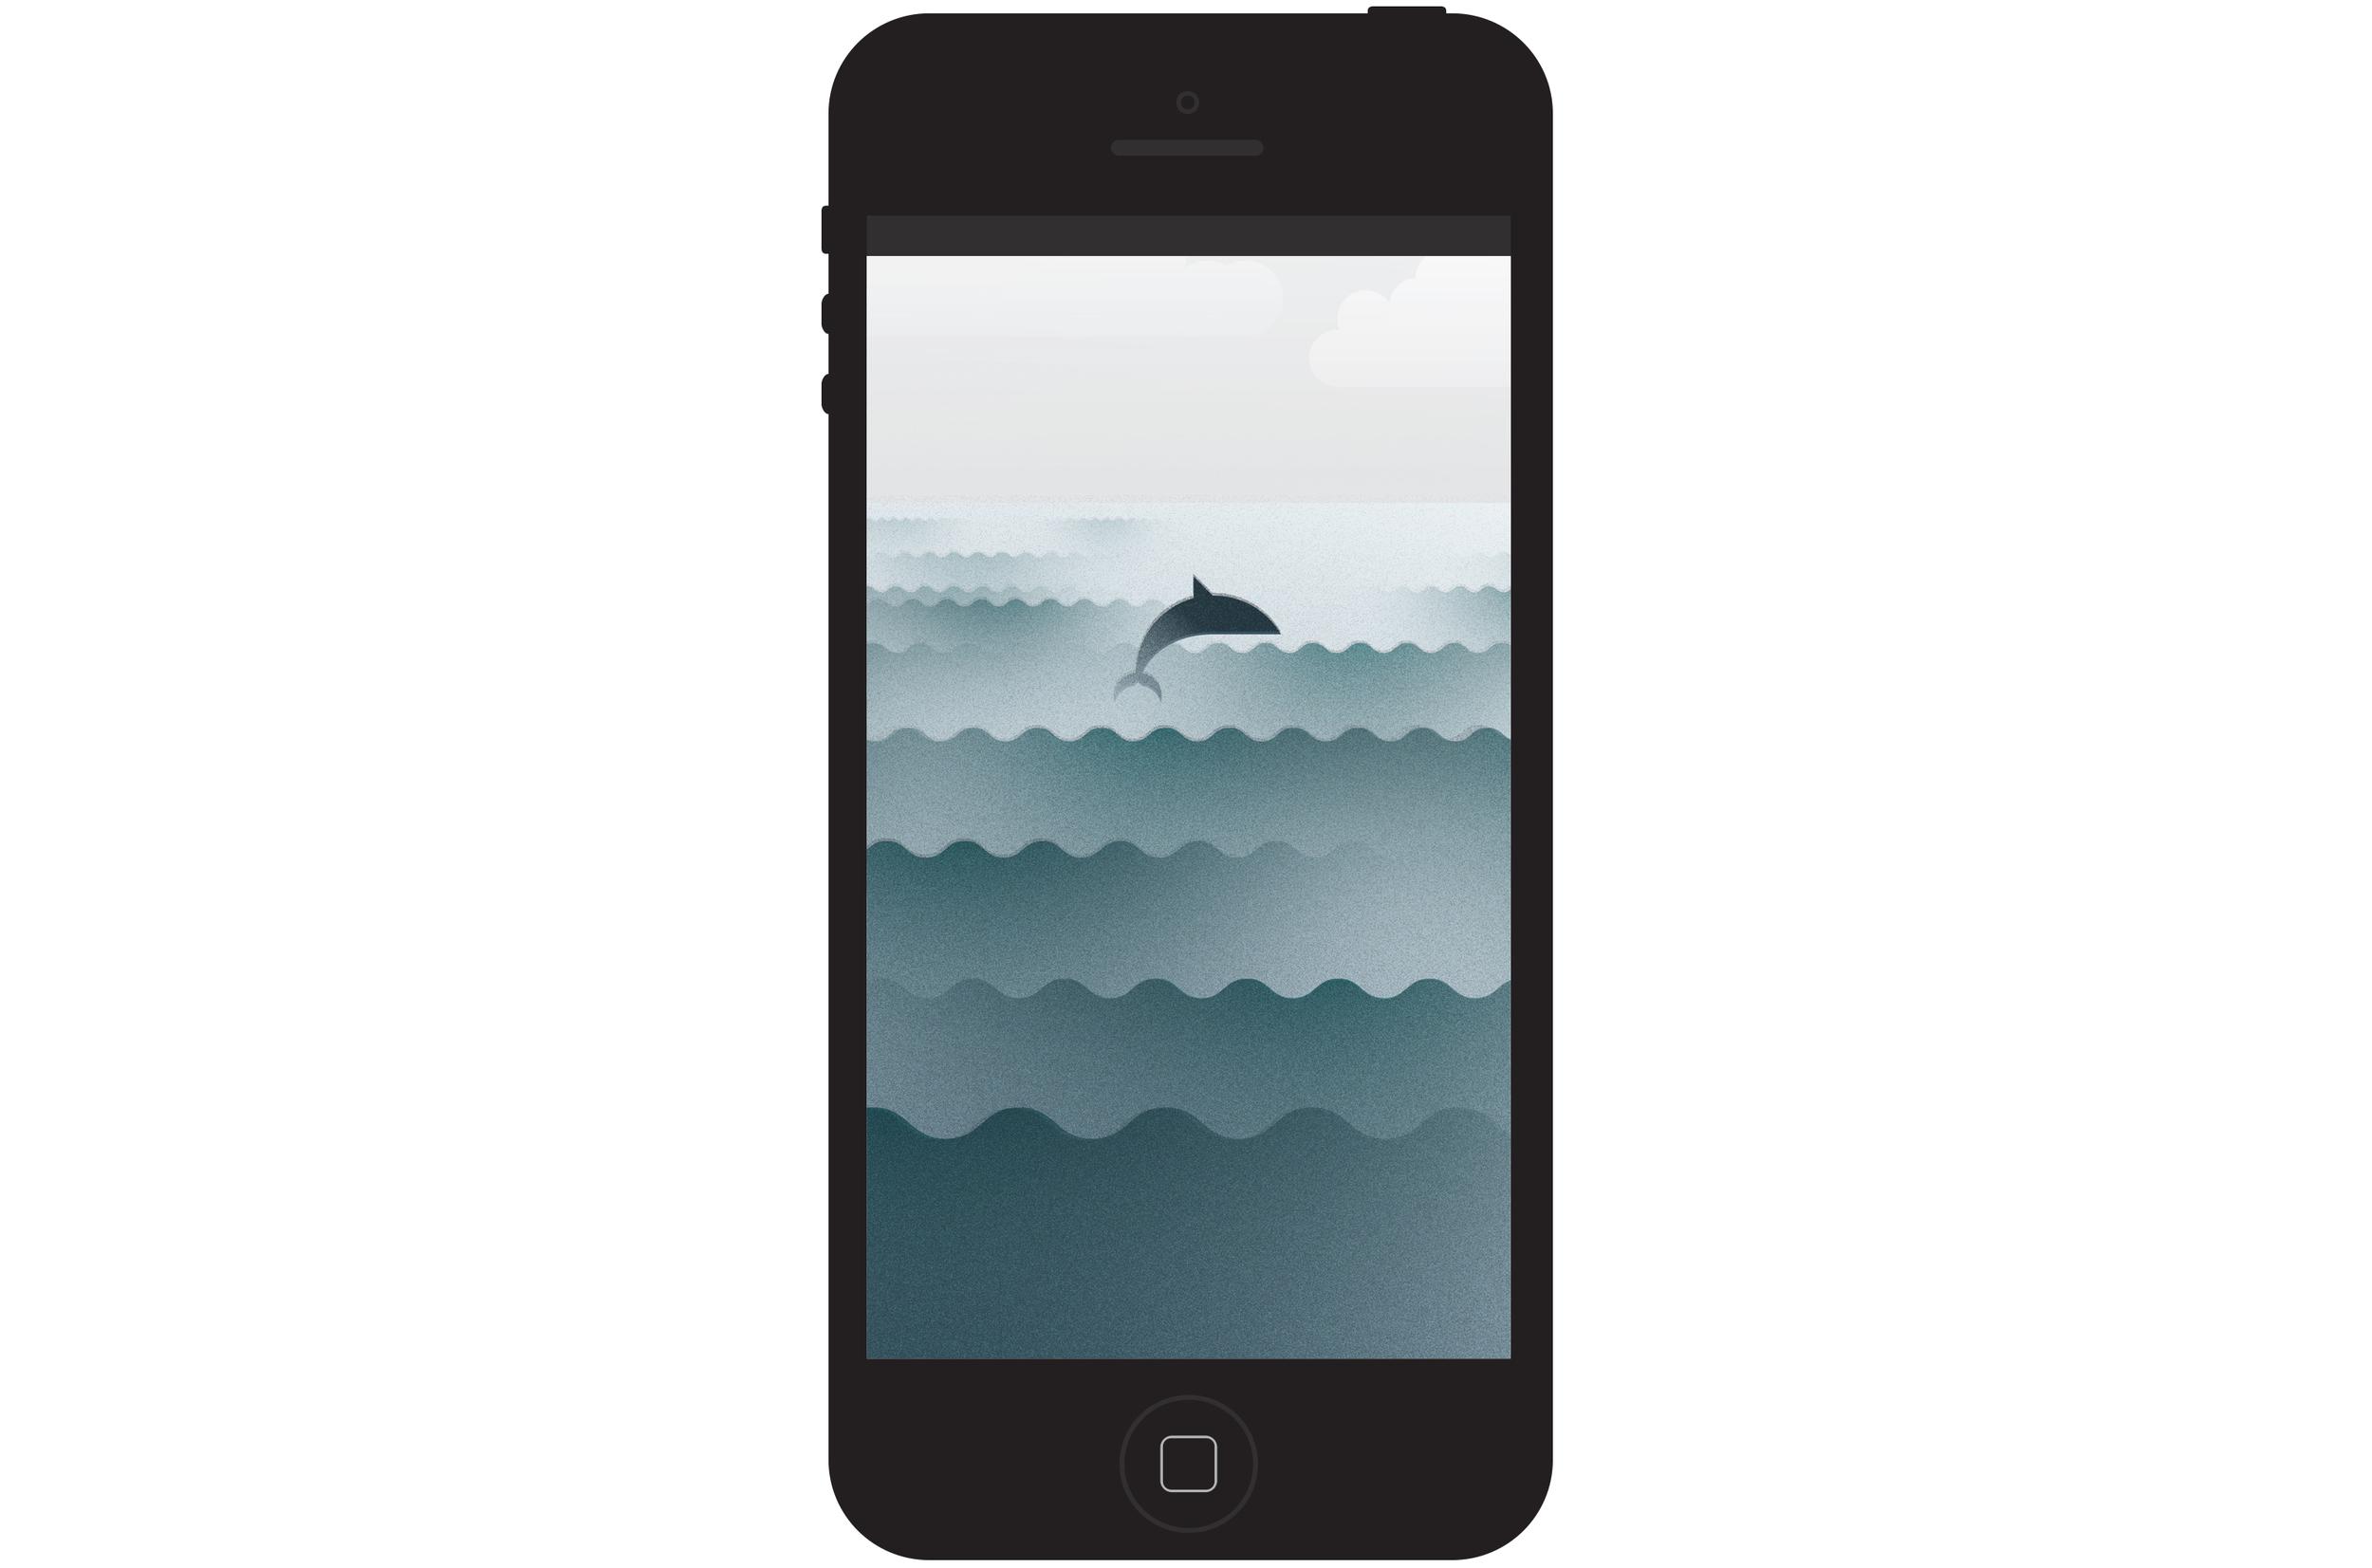 Cleartones_Waves_iPhone.jpg